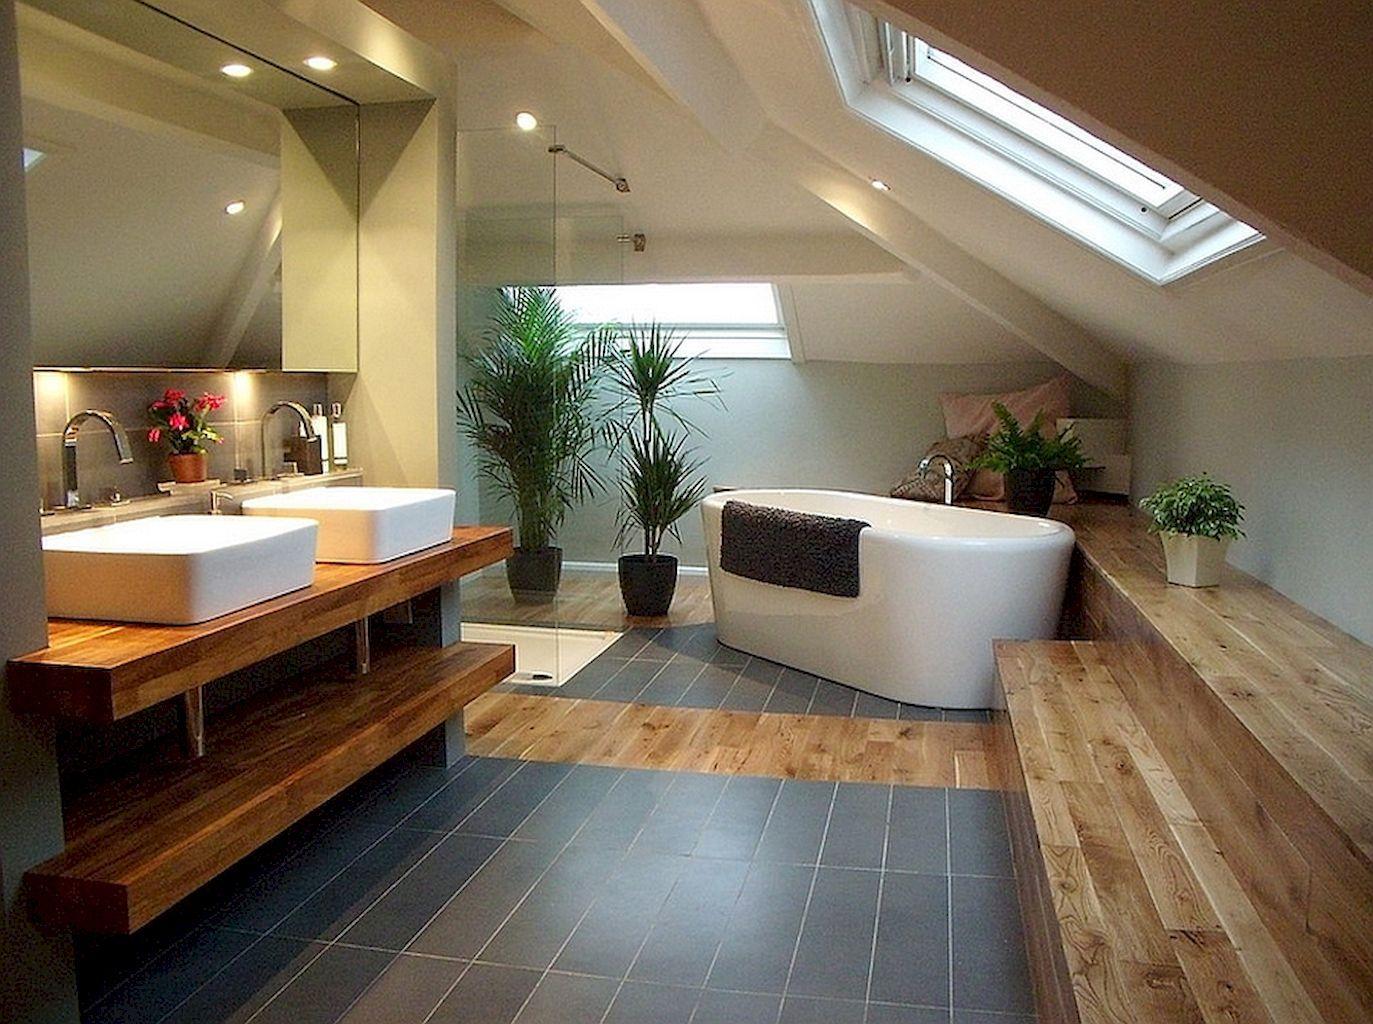 40 Attic Bathroom Remodel Ideas | Hausbau, Badezimmer und Häuschen